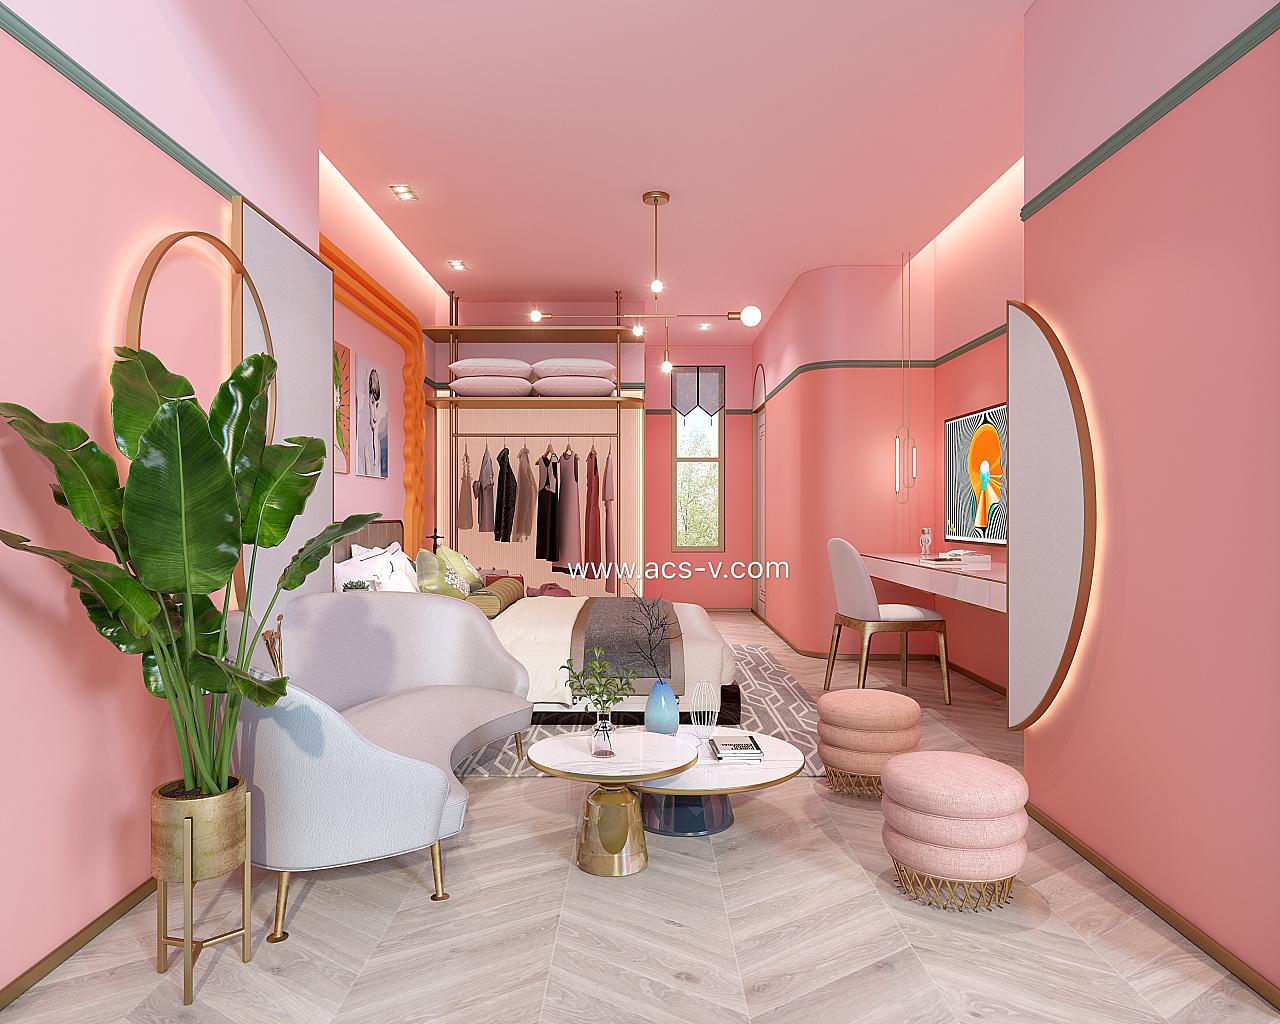 黄铜质感_情迷墨西哥PINK-SANDRO网红民宿酒店样板间麦哲伦设计 空间 室内 ...